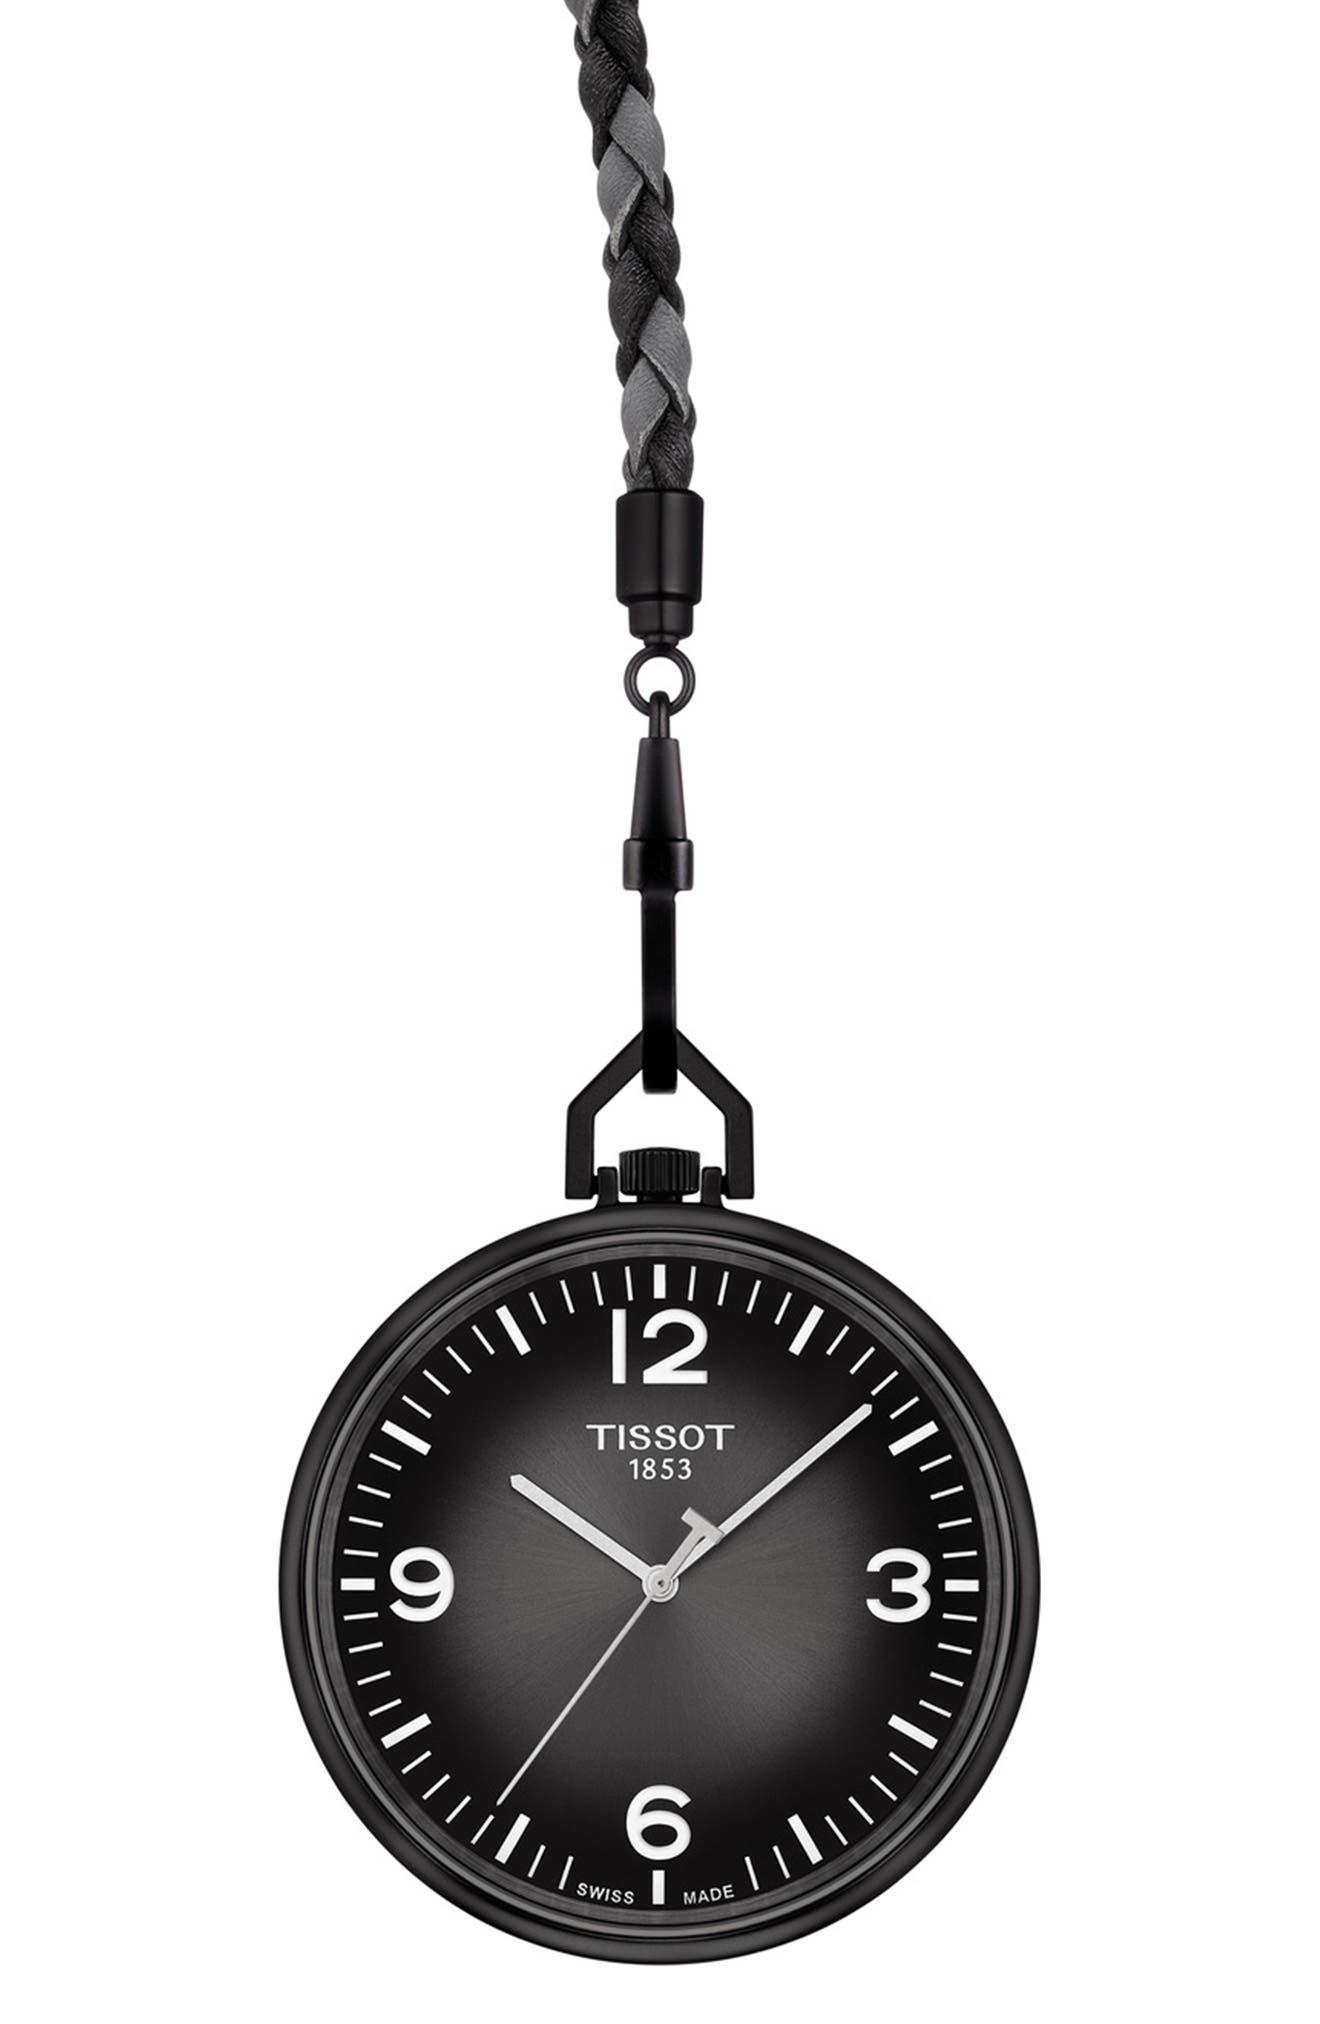 Tissot Men's Lepine Pocket Watch In Anthracite Gradient